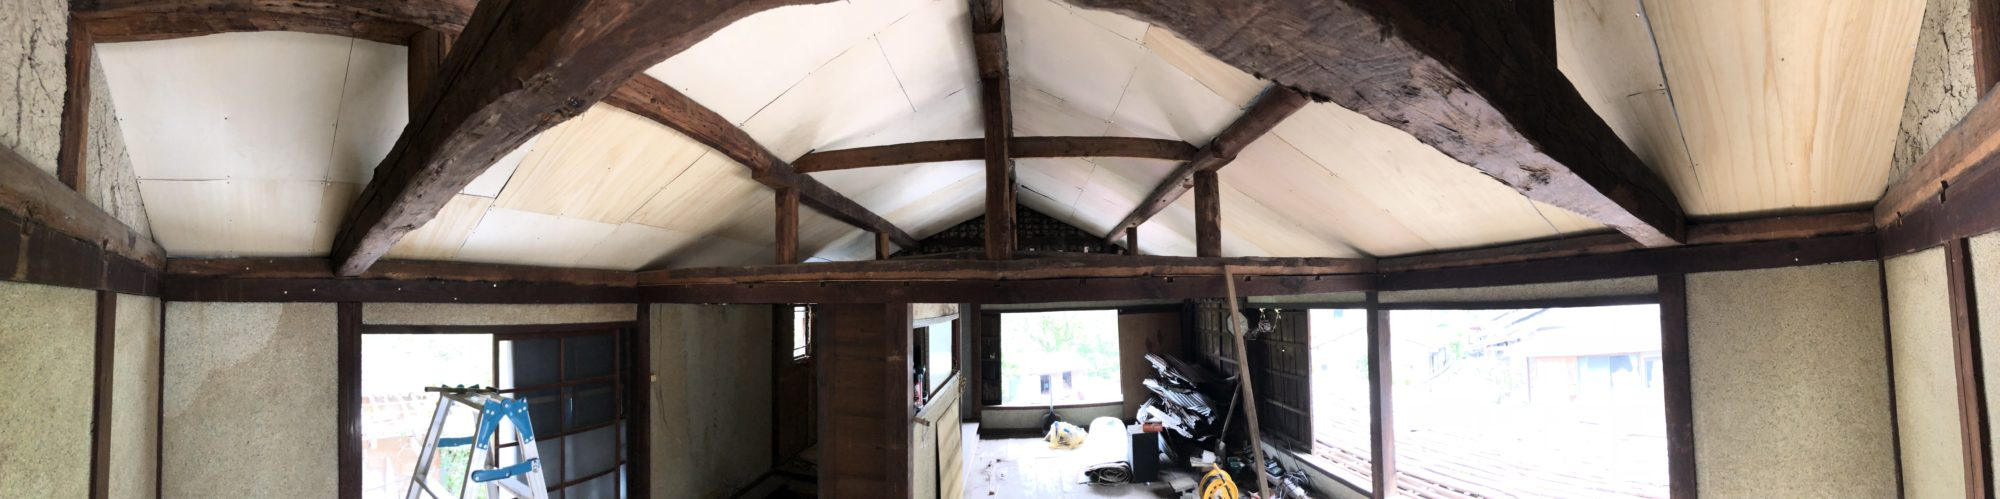 梁を見せる天井の作り方。その2